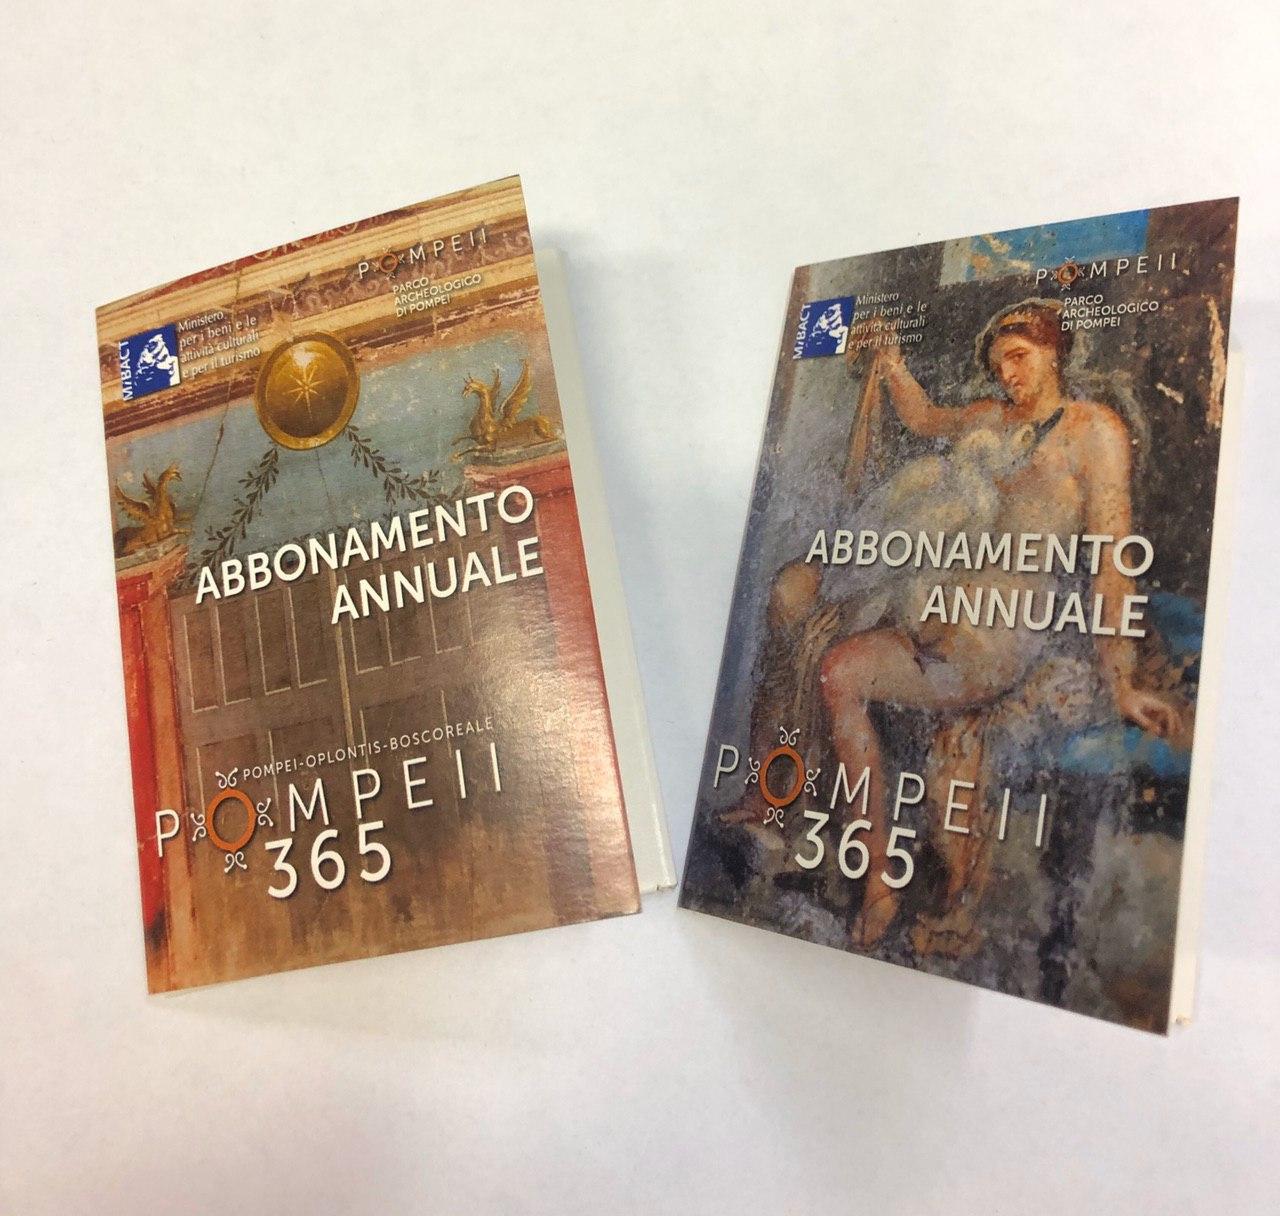 pompei_Abbonamento Pompei 365_foto-parco-archeologico-pompei